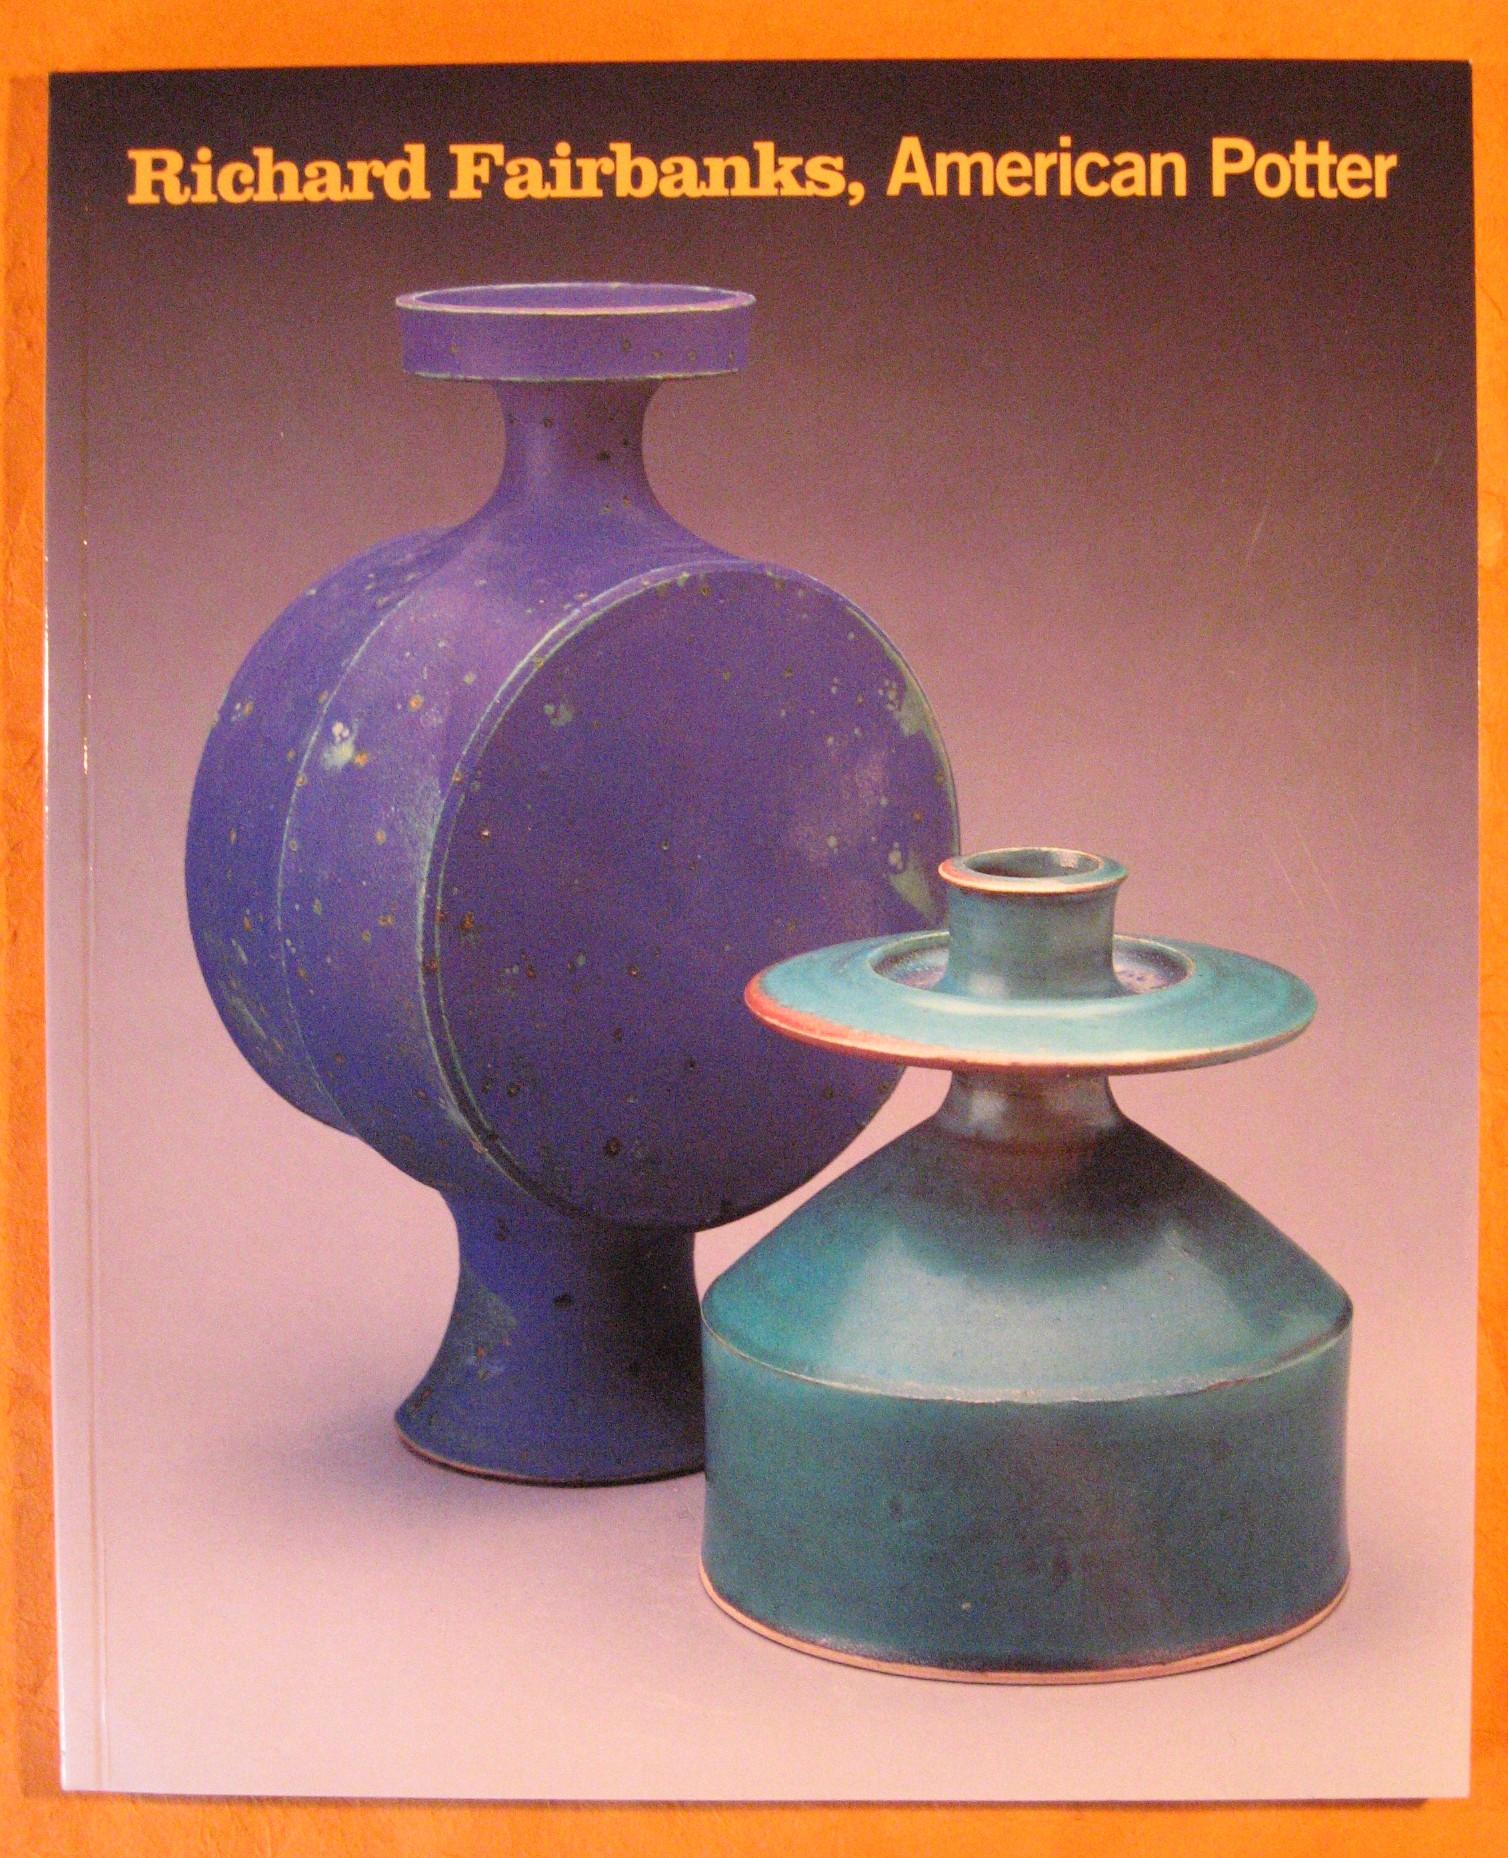 Richard Fairbanks, American Potter: American Potter, Kangas, Matthew ; Richard Fairbanks